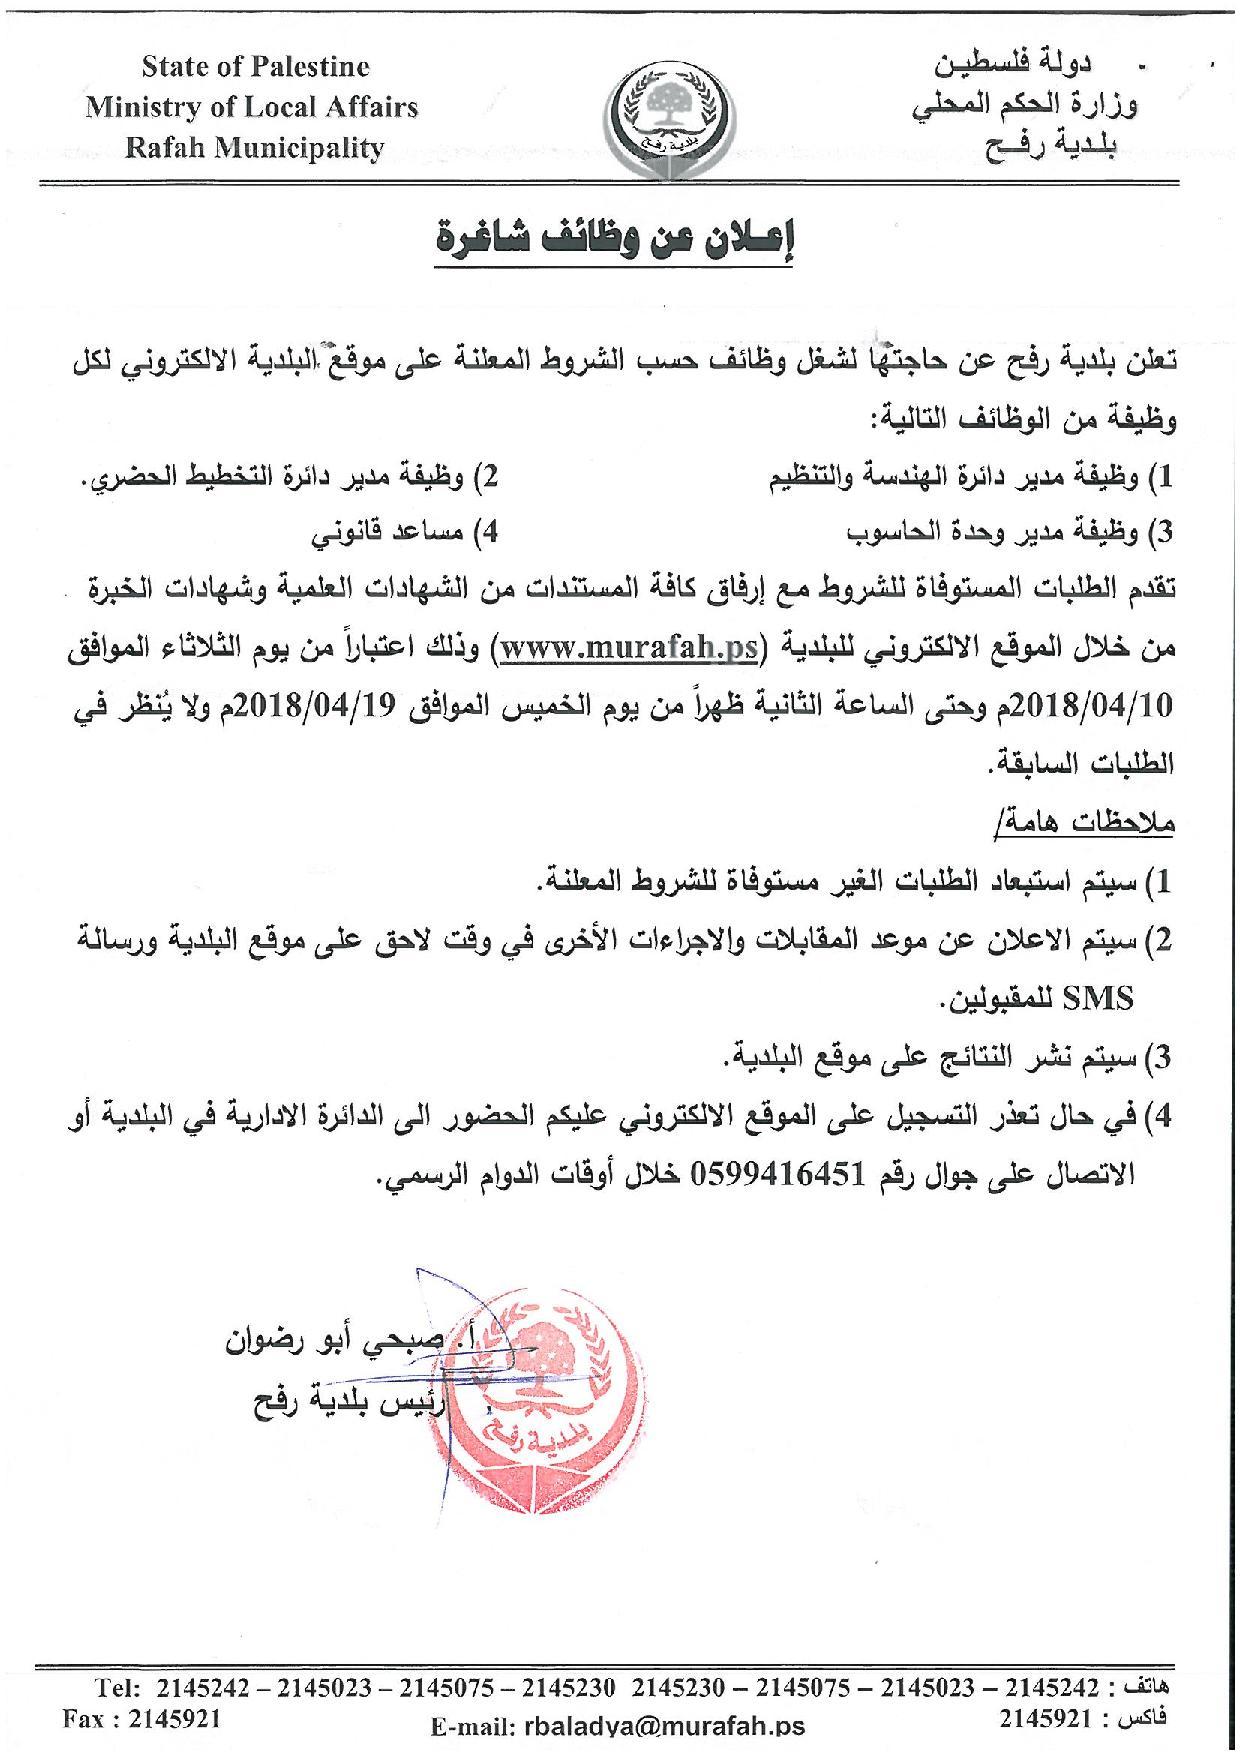 اعلان وظائف شاغرة في بلدية رفح